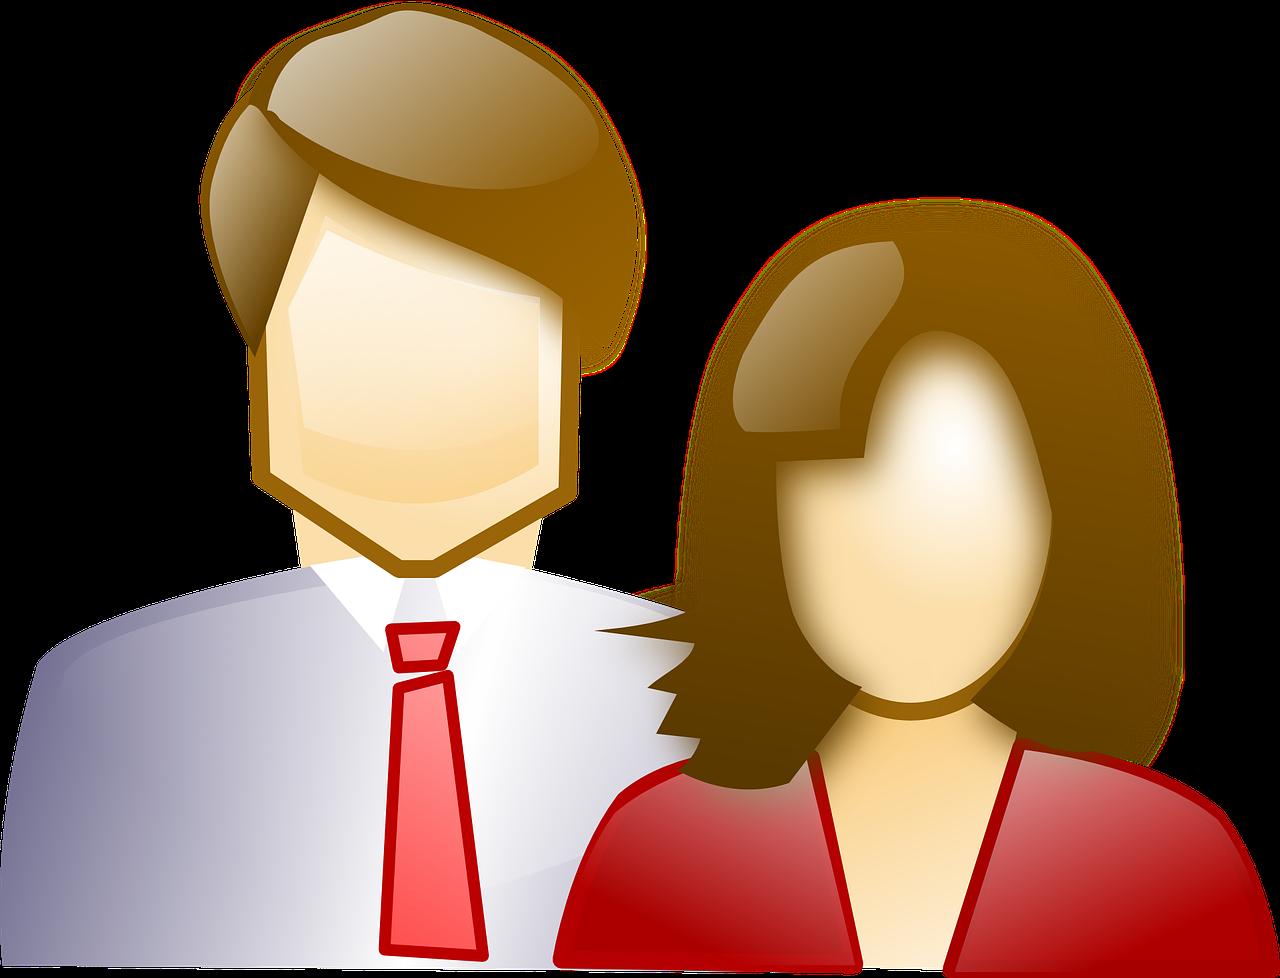 couple-35682_1280